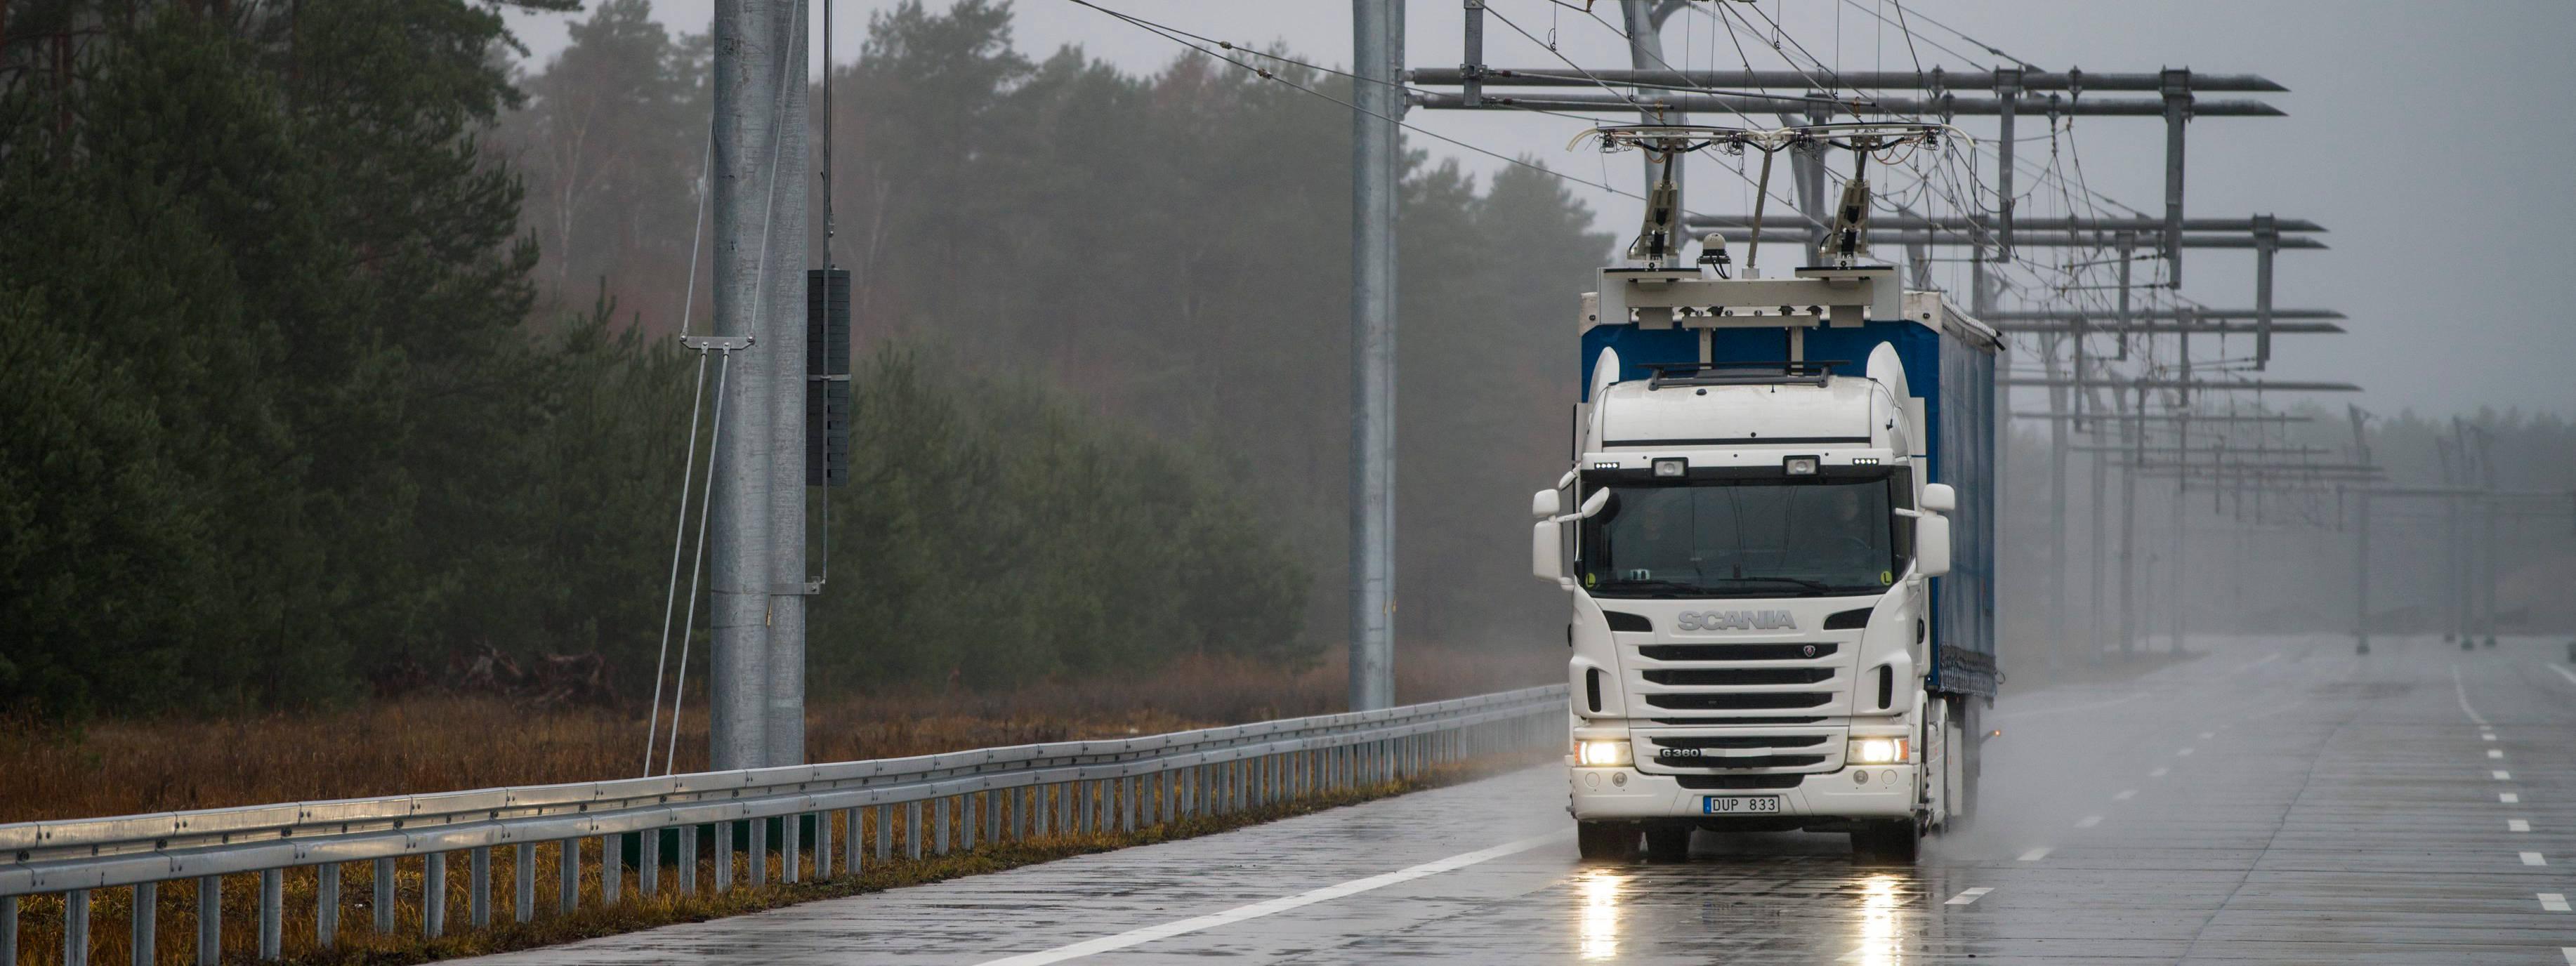 Lastbilar från Scania ska testa elvägen väster om Sandviken.